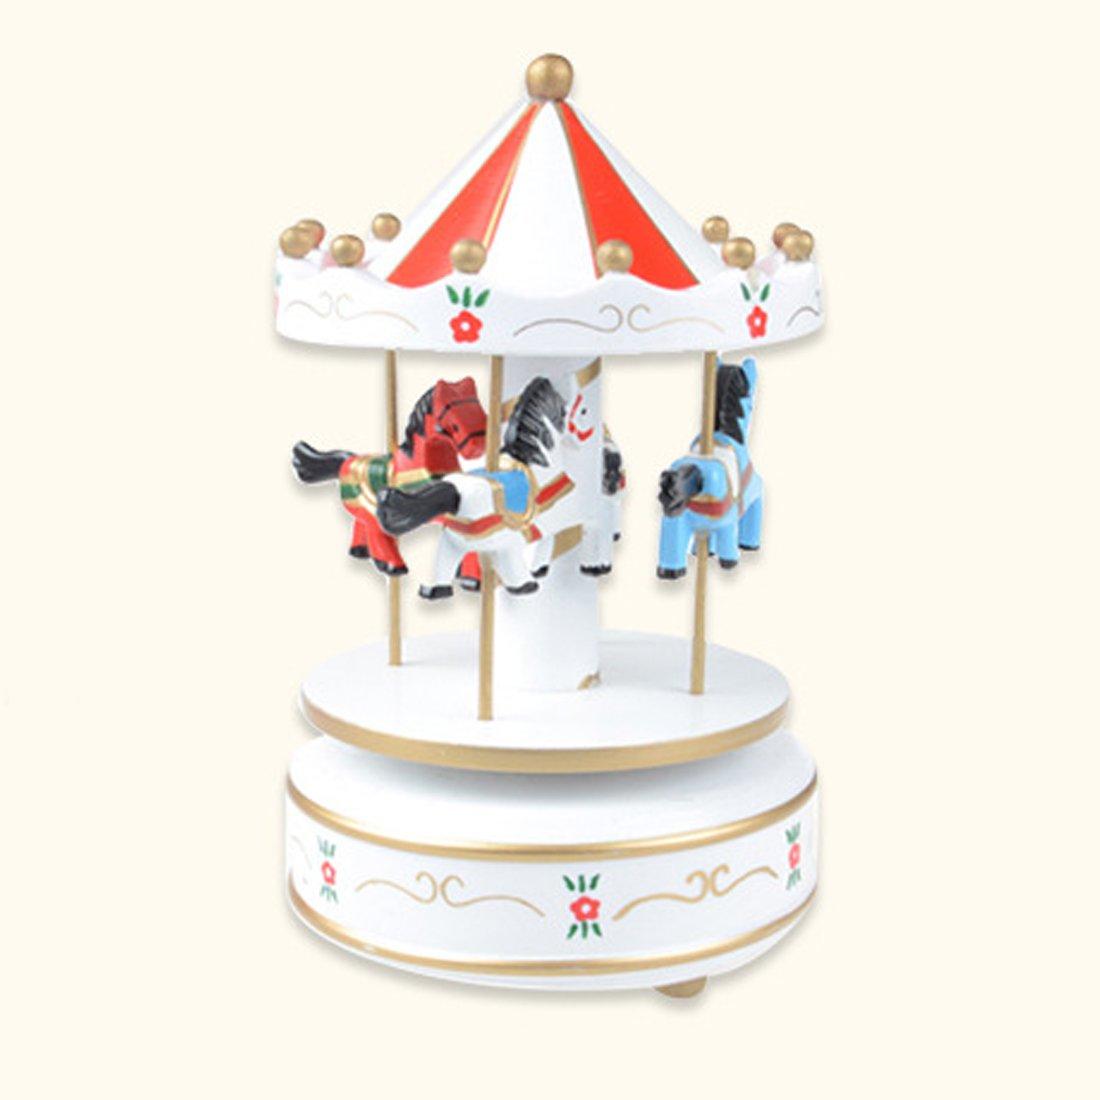 超可爱 Classical木製メリーゴーランドカルーセル音楽ボックスギフトおもちゃ結婚式装飾、ブルーピンク YEHUA17TXQ0554 20x10.5x6cm ホワイト ホワイト YEHUA17TXQ0554 ホワイト B074M4YKKR ホワイト, ayanas:402202ad --- arcego.dominiotemporario.com